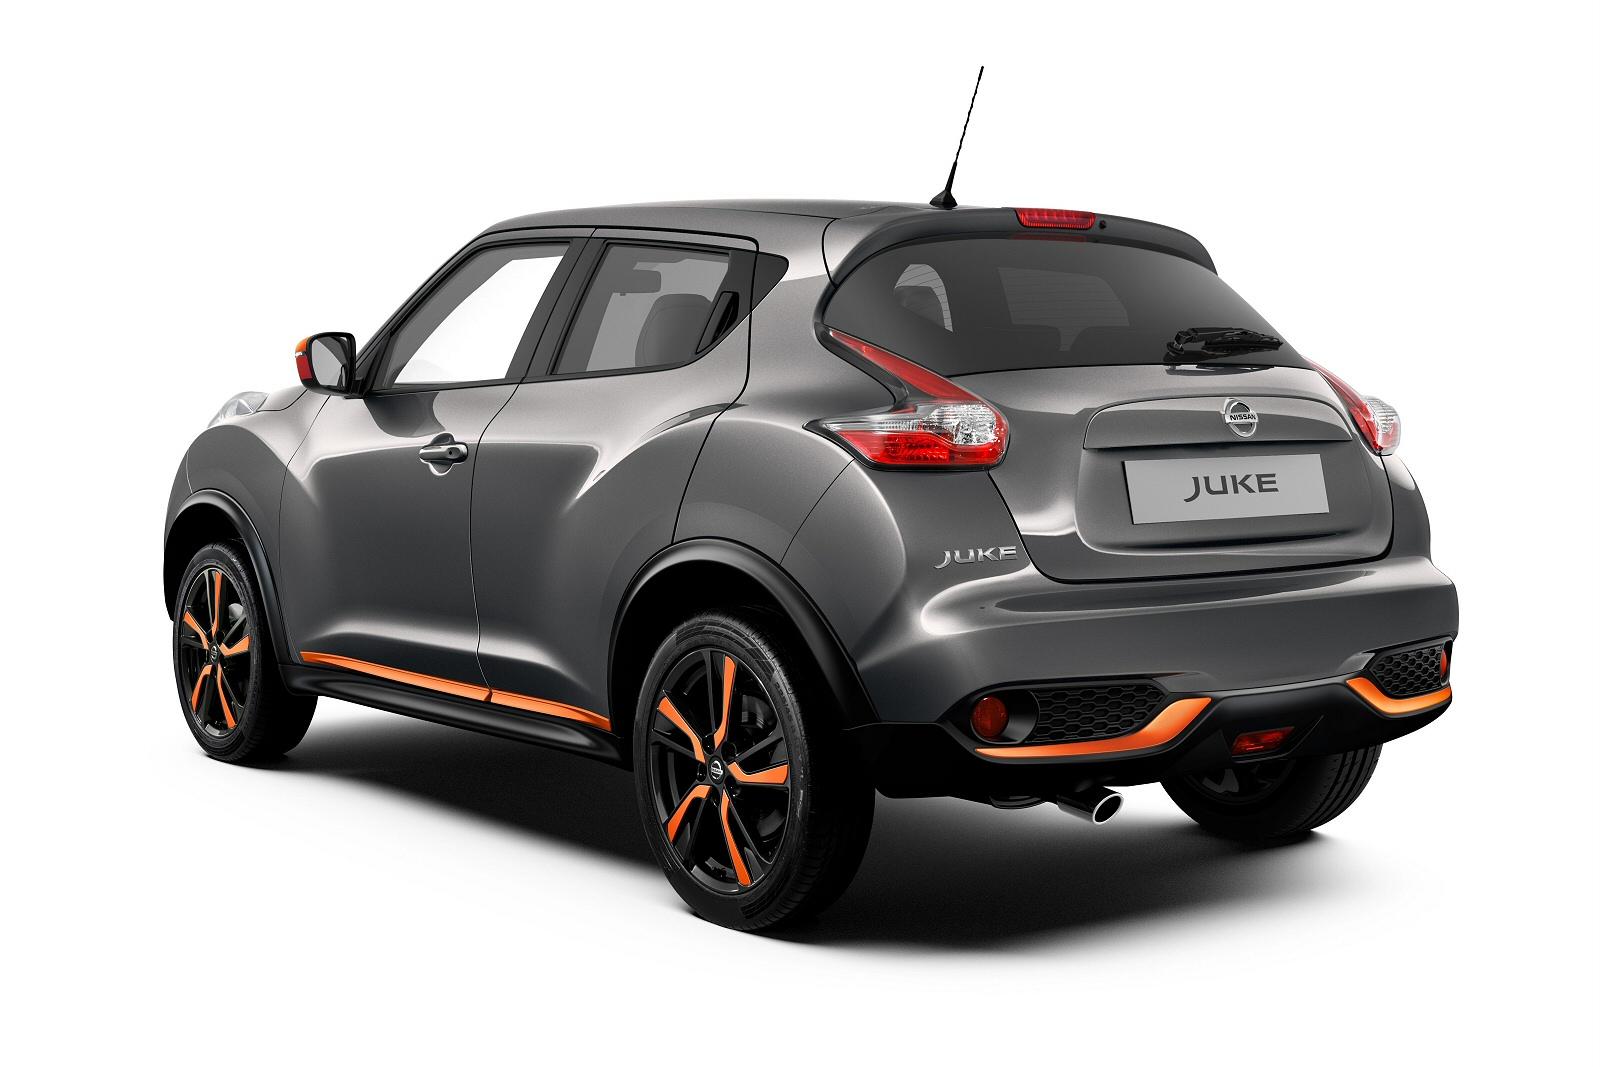 new nissan juke 1 2 dig t bose personal edition 5dr petrol hatchback for sale bristol street. Black Bedroom Furniture Sets. Home Design Ideas